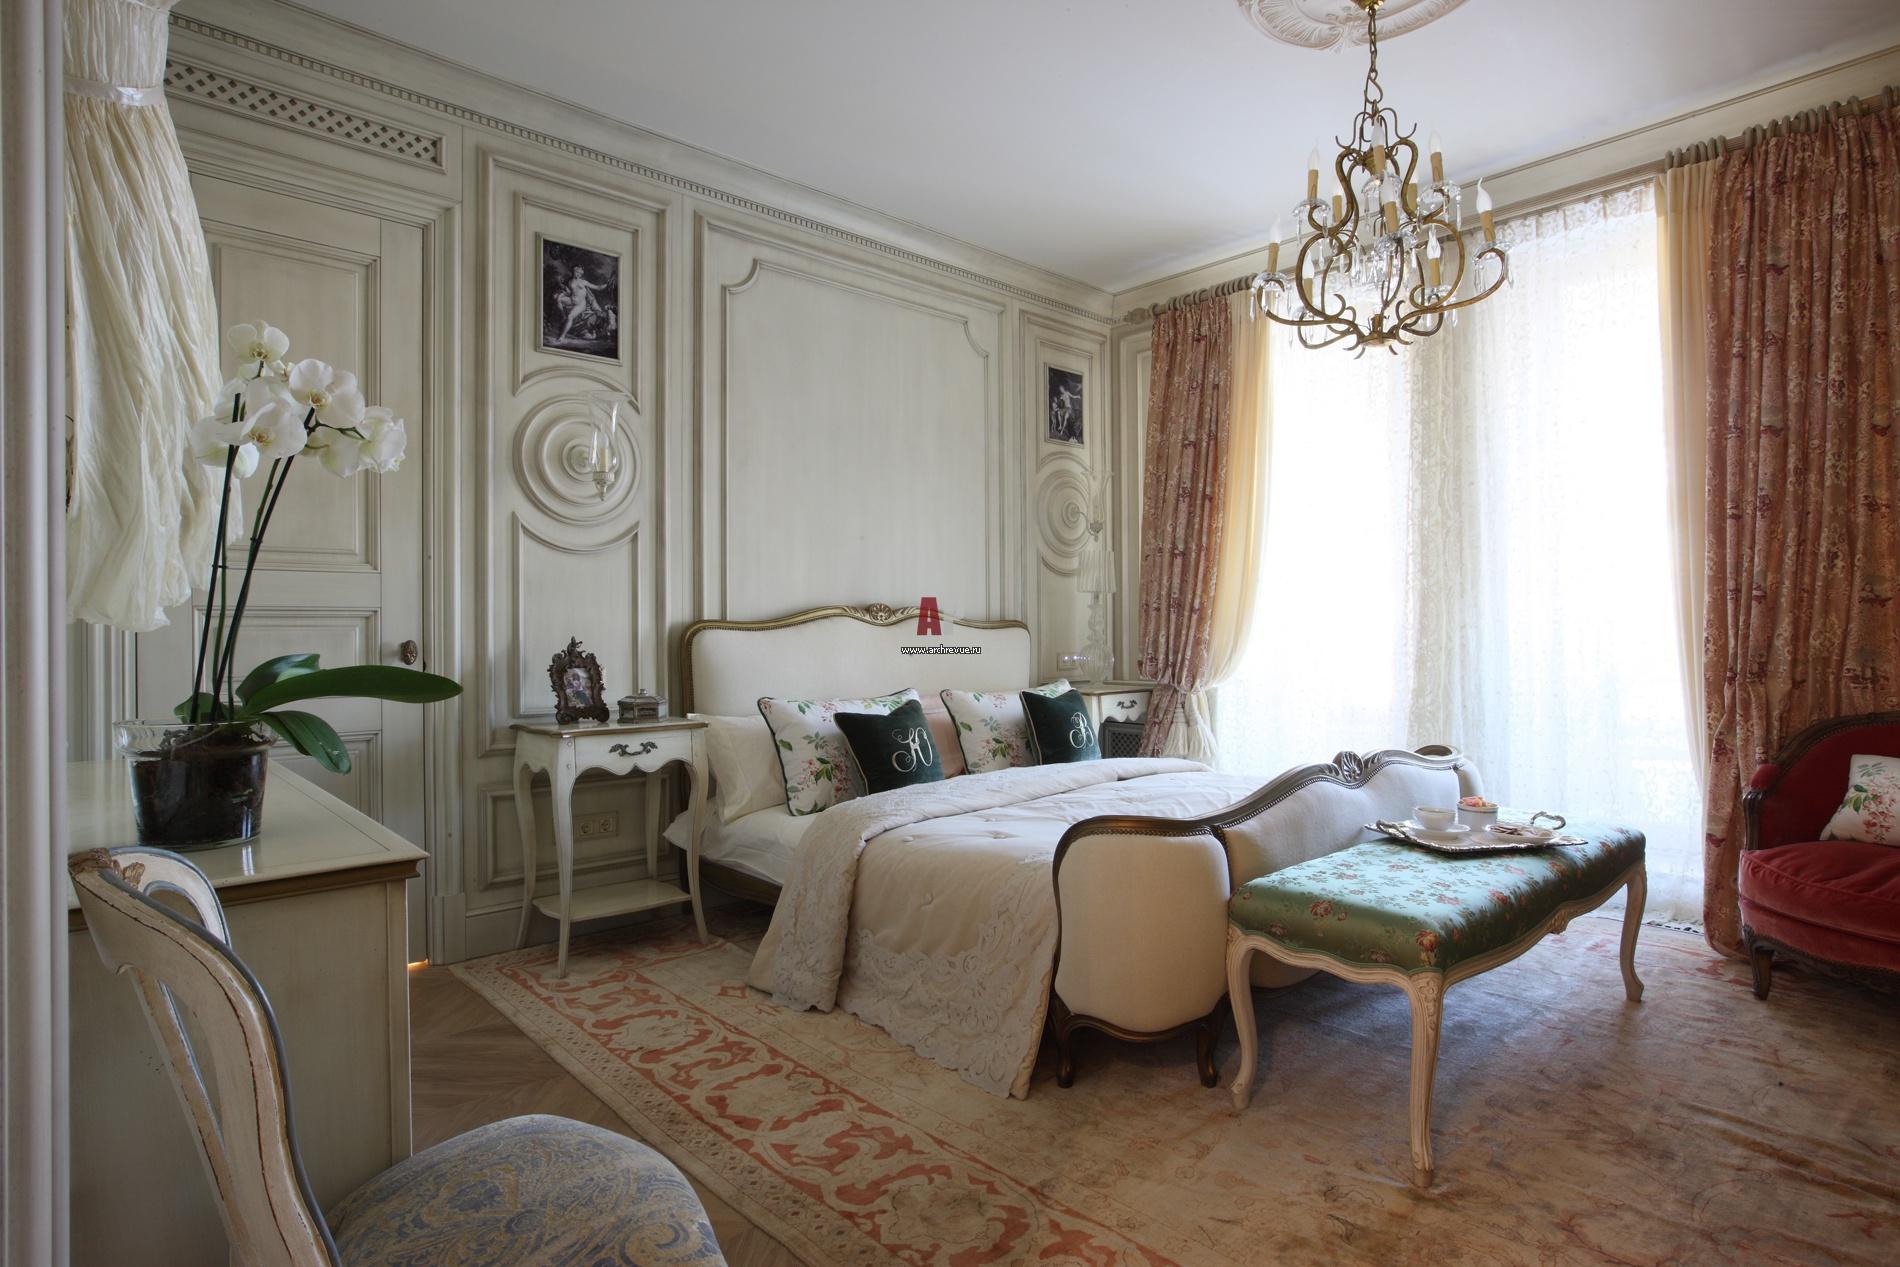 Французский стиль в интерьере — в чем его особенность? 100 реальных фото дизайна